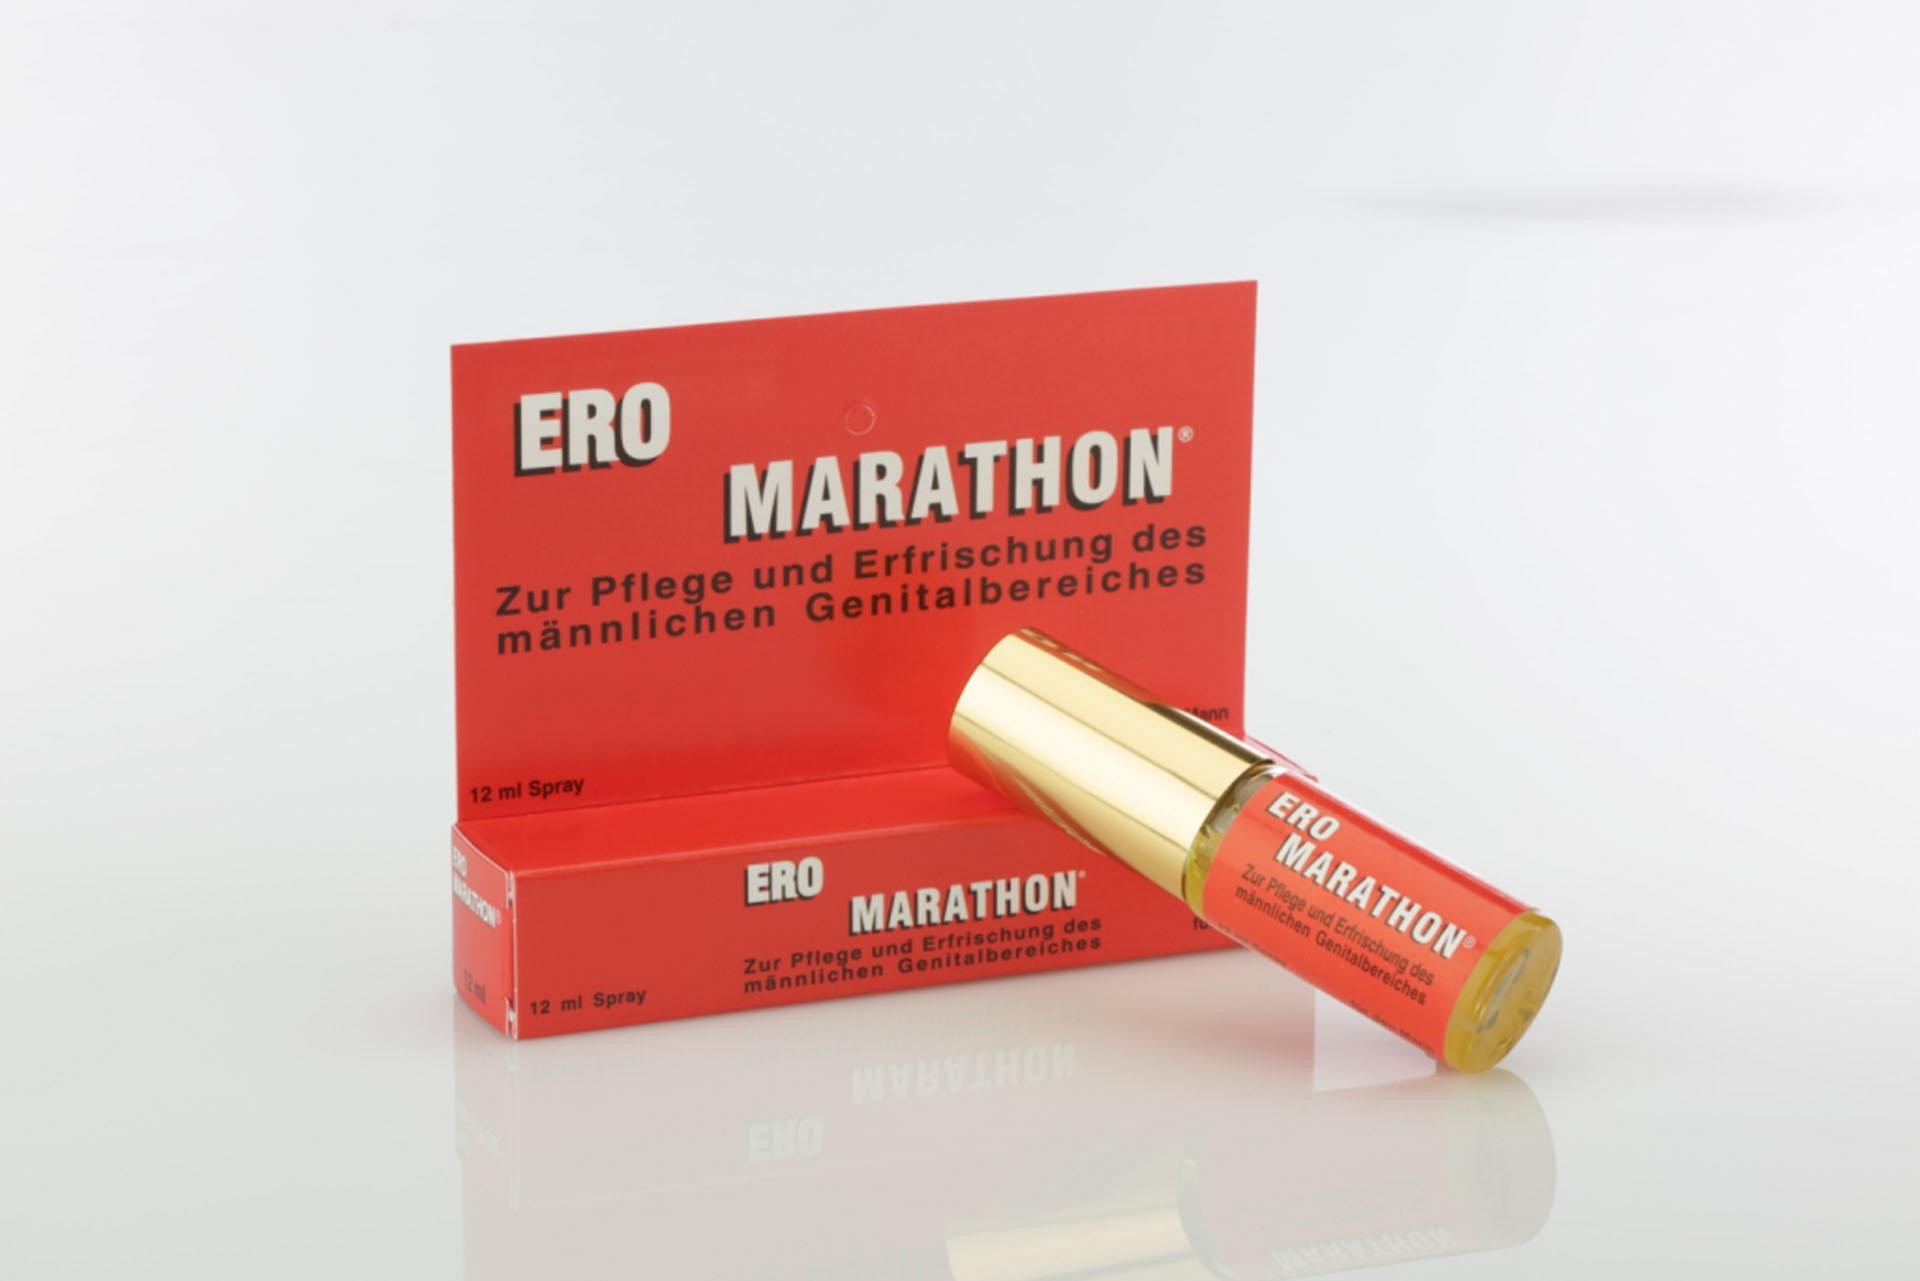 ERO MARATHON von Milan Arzneimittel